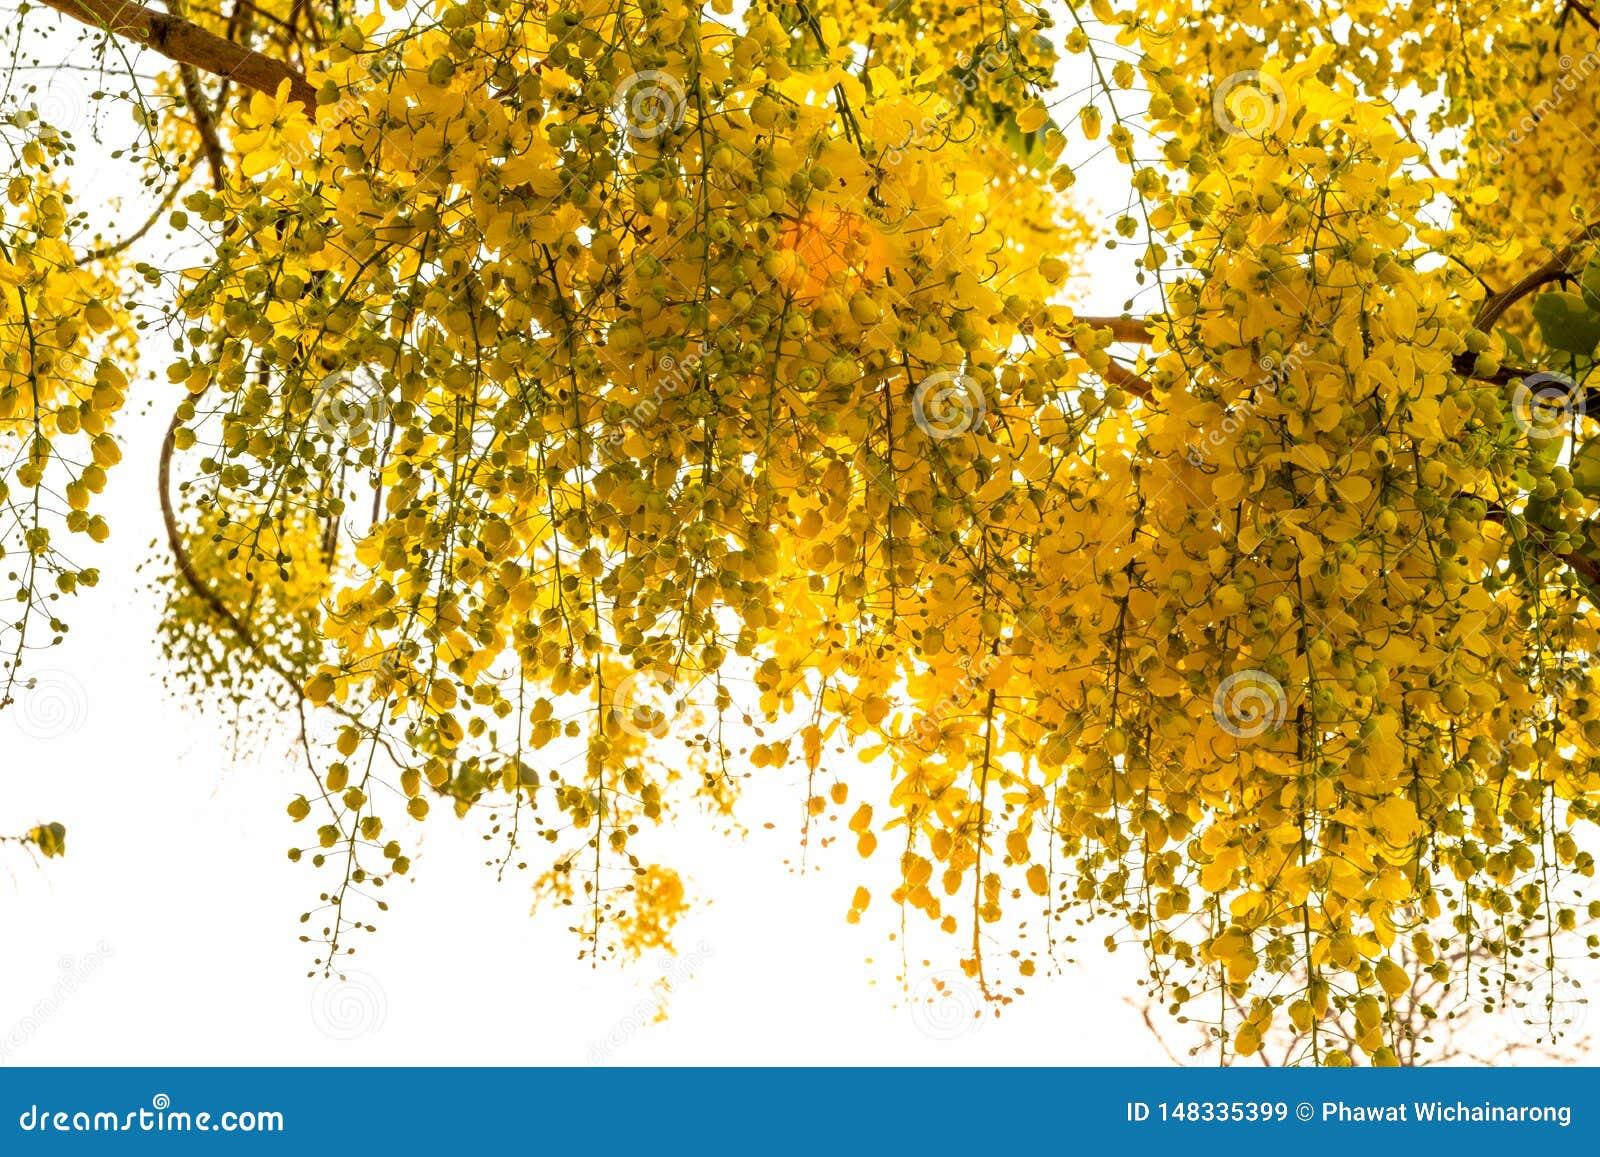 Ein Bündel der gelben goldenen Duschblume mit dem Sonnenlicht, das durch gegen hellen weißen Hintergrund glänzt